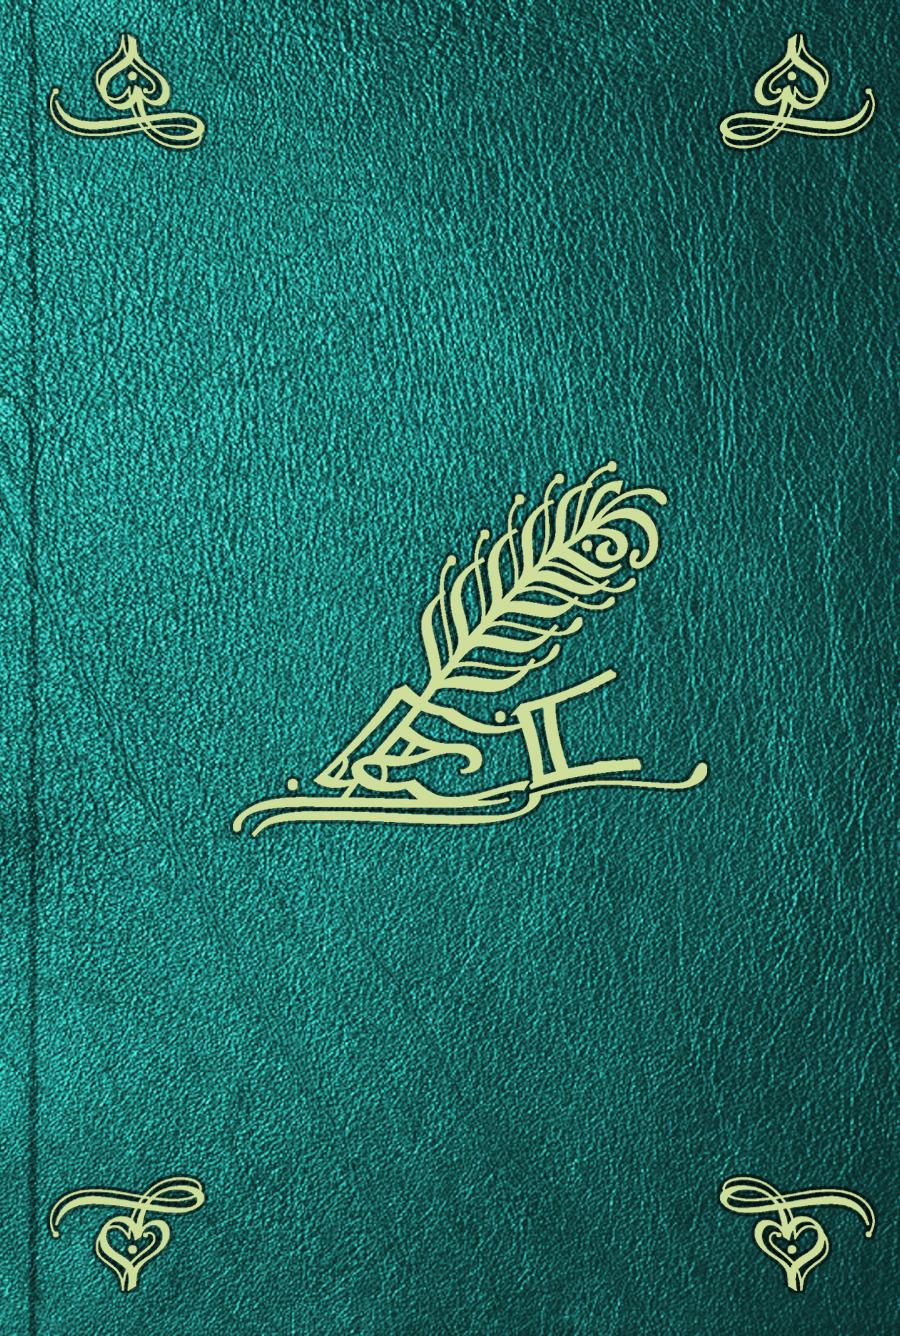 Corneille Le Brun Voyages de Corneille Le Brun par la Moscovie, en Perse, et aux Index orientales. T. 2 les animaux